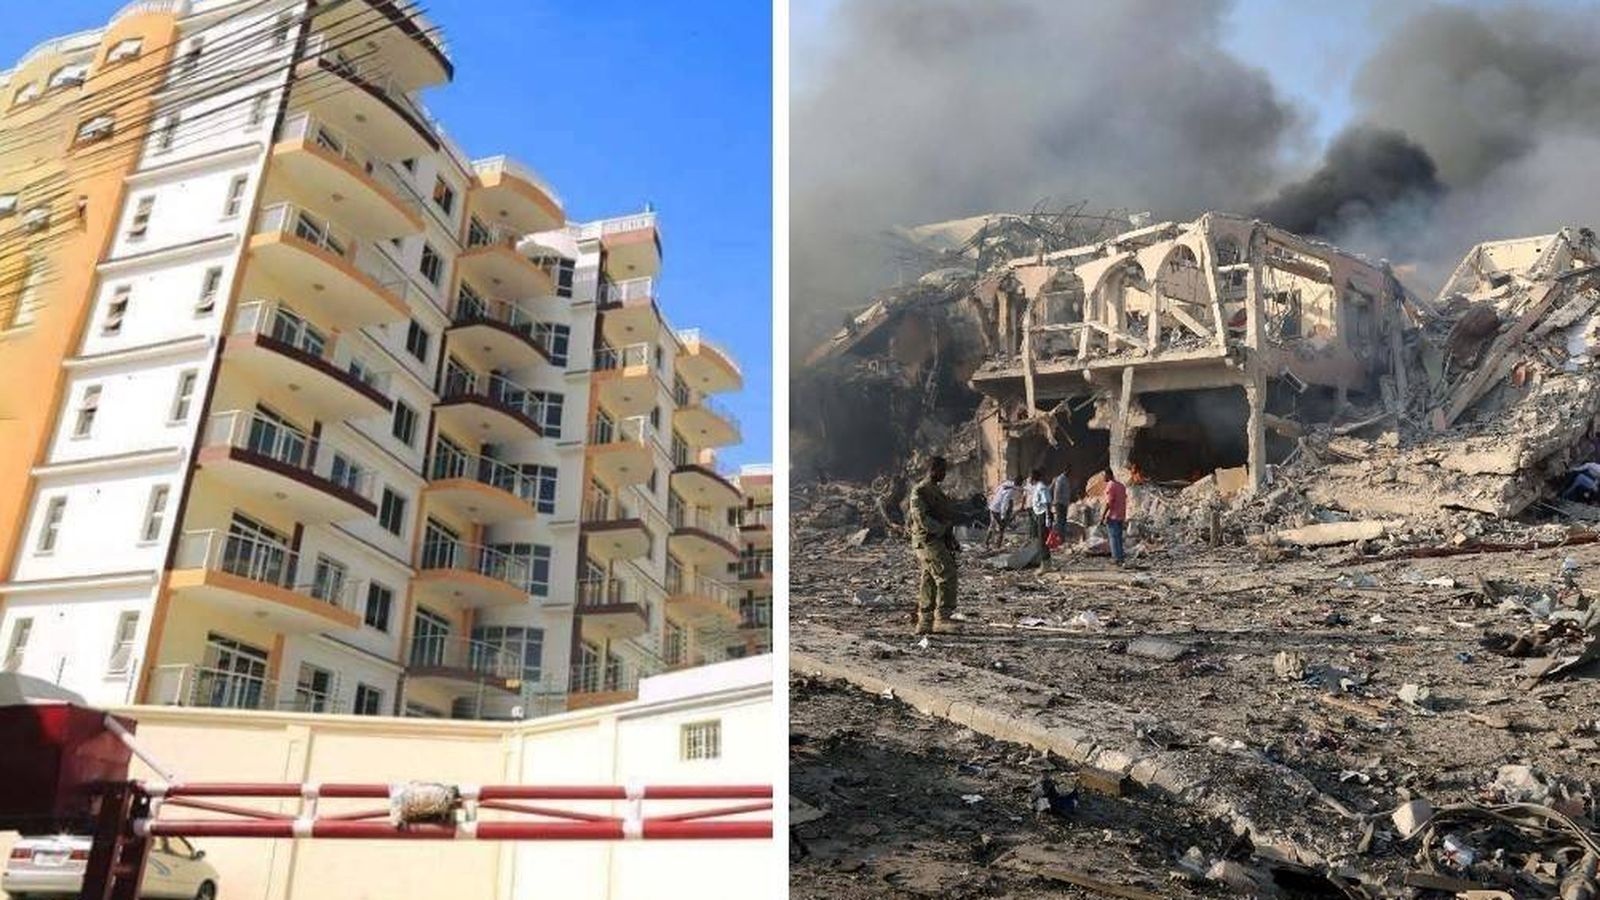 Foto: Antes y después de la explosión de un camión bomba frente al hotel Safari en Mogadiscio.